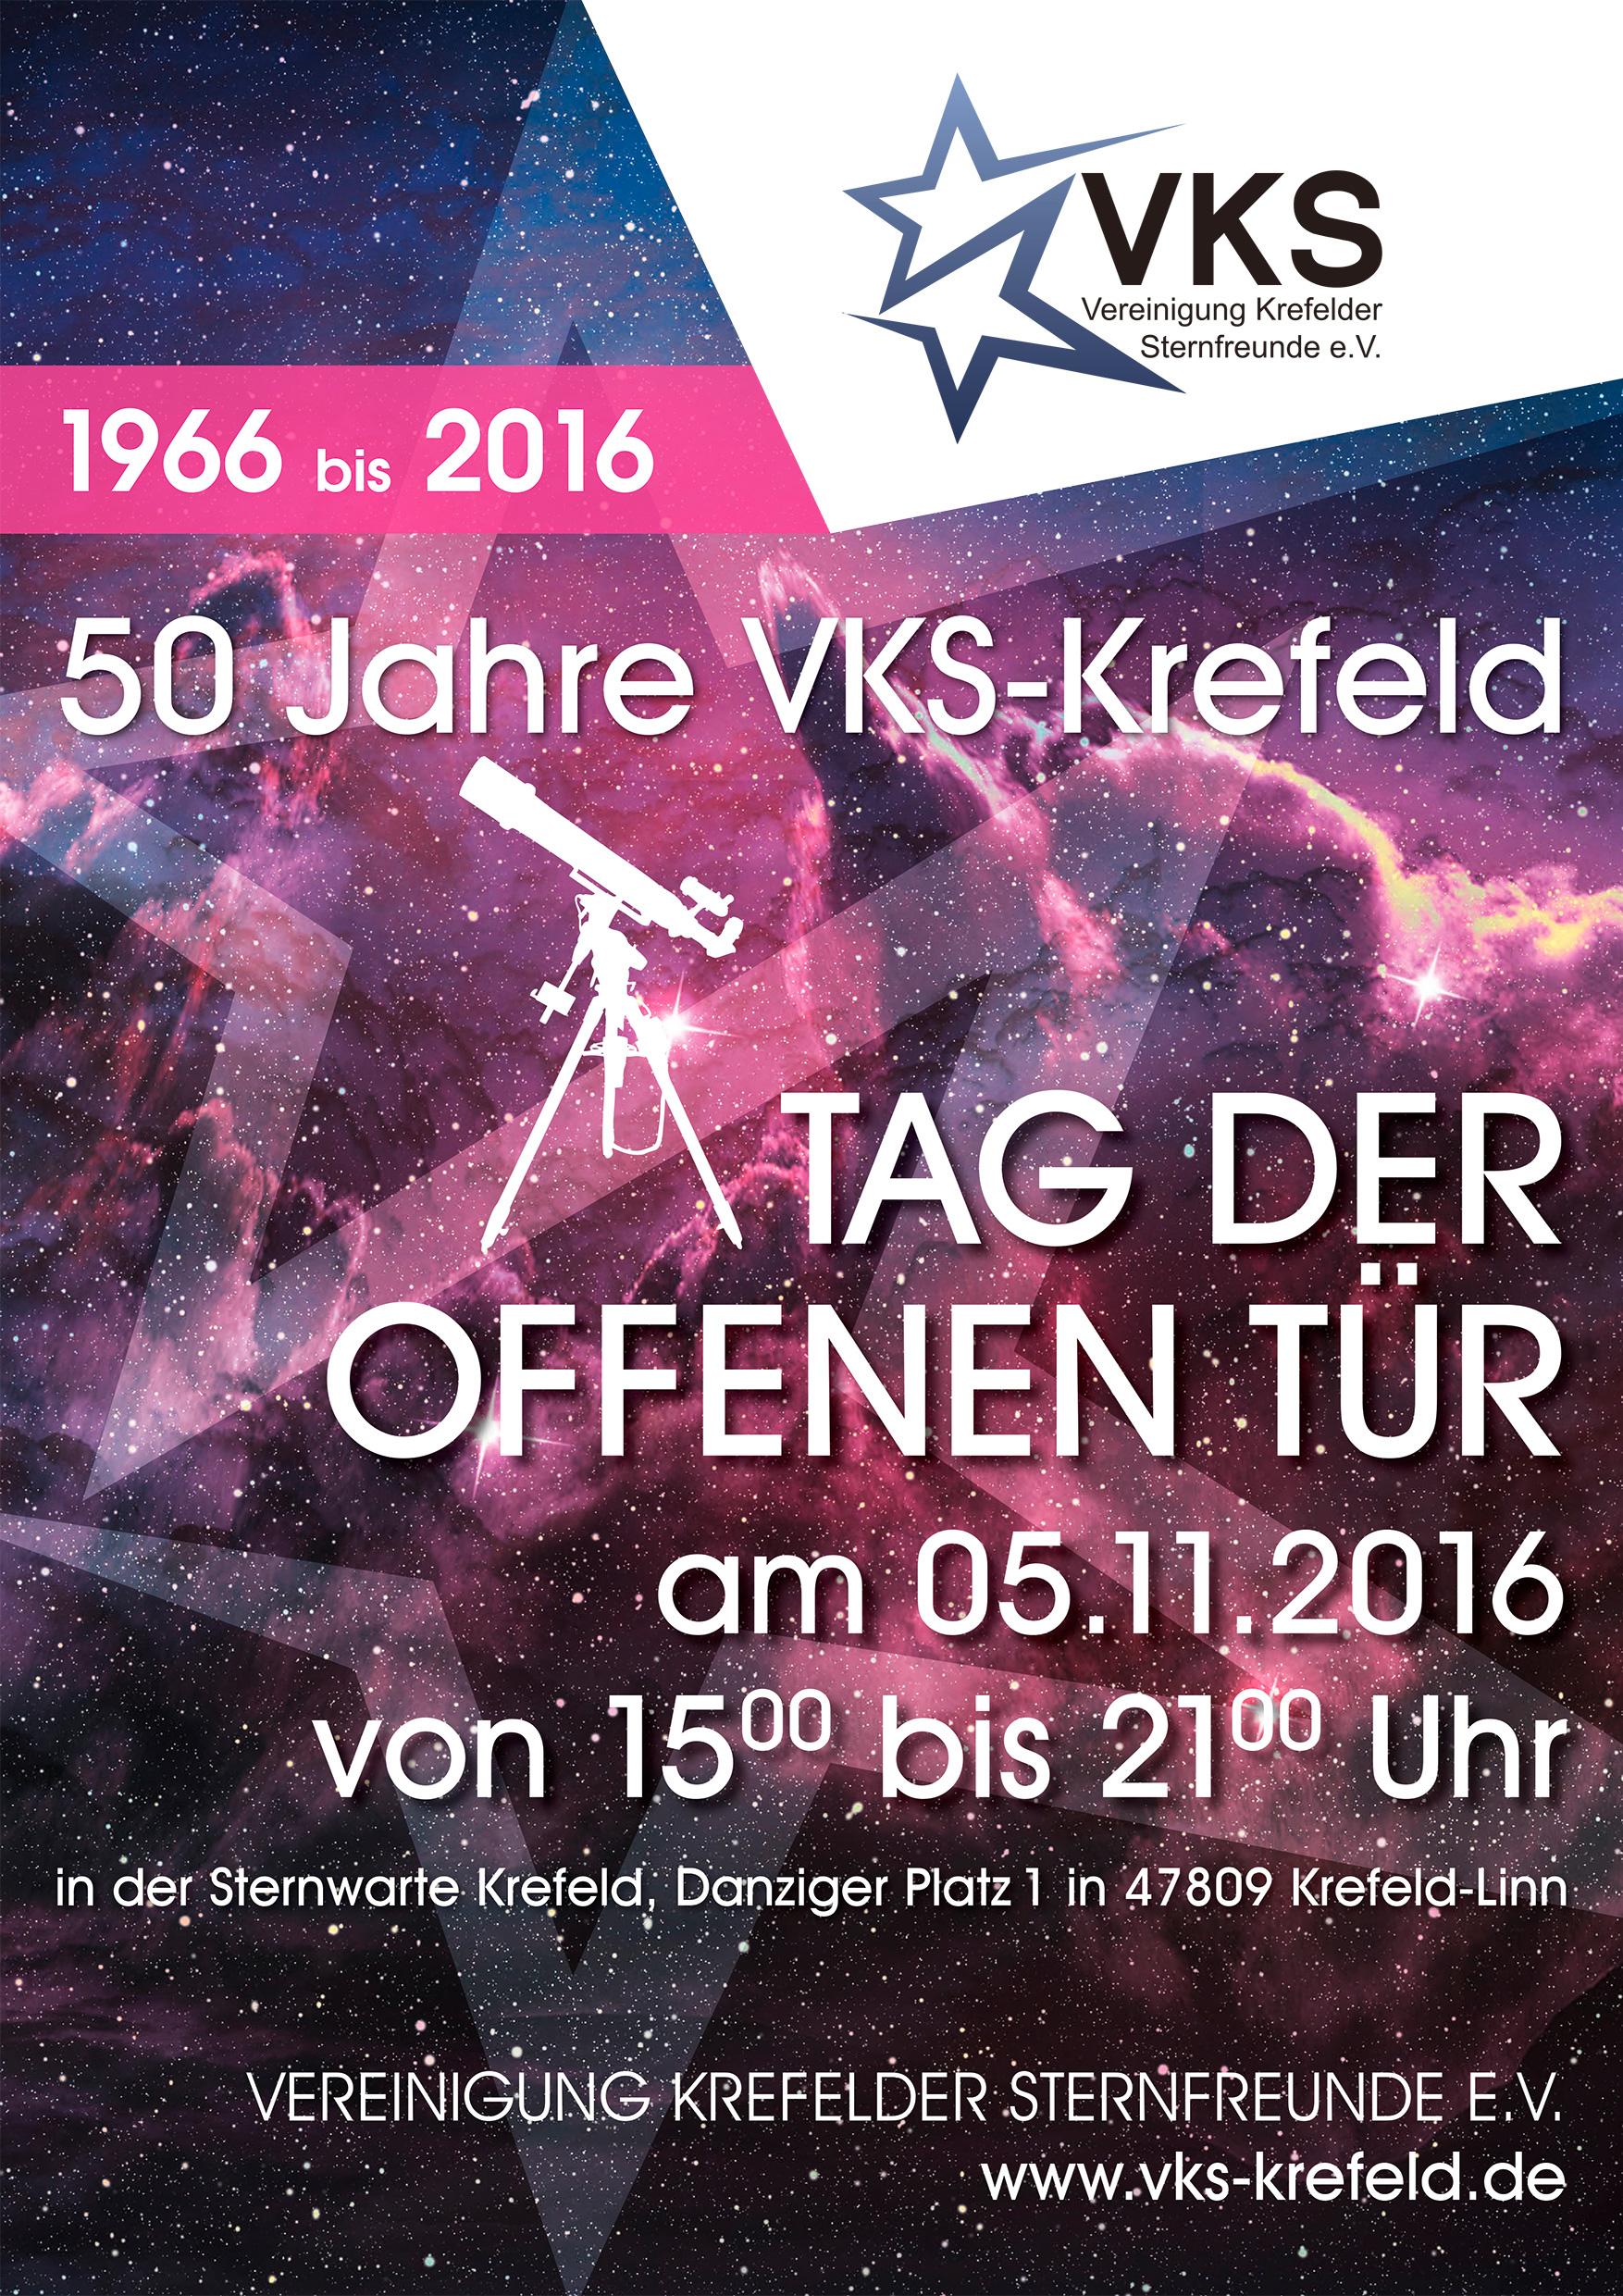 vks_tag-der-offenen-tuer-2016_50-jahre_web